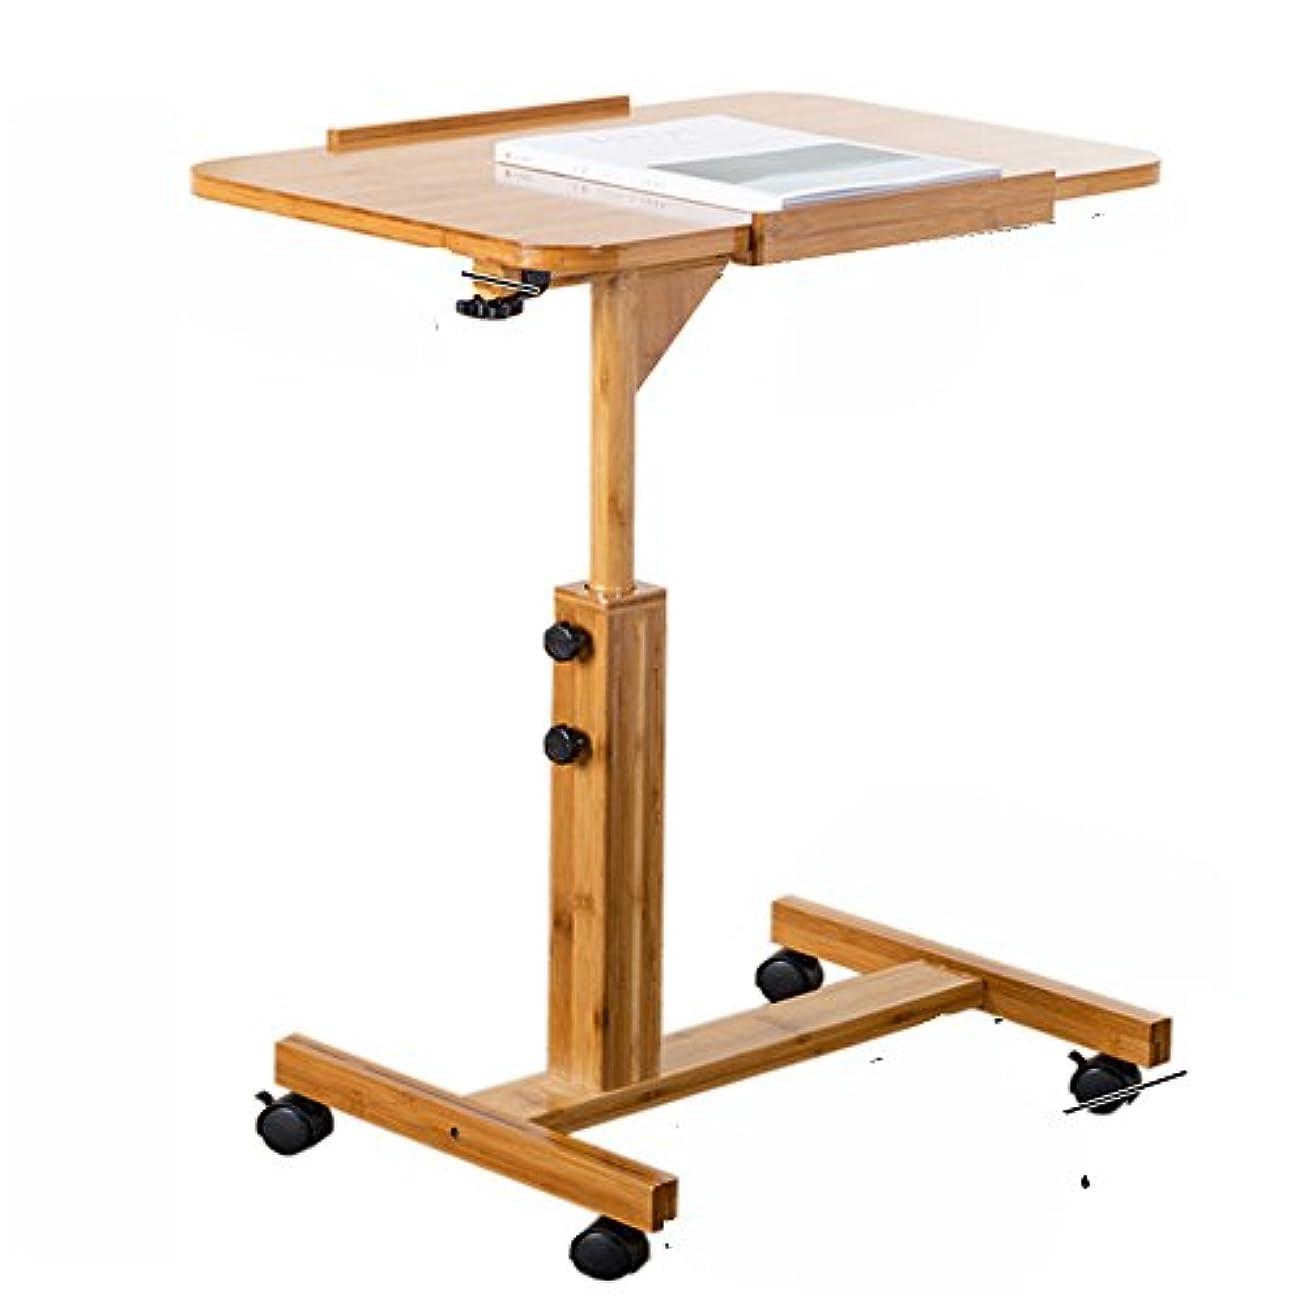 日焼け繁栄するユーモラスLJHA zhuozi 怠惰な取り外し可能なベッドサイドテーブルラップトップデスクシンプルなデスクのデスクシンプルな折り畳みの小さなテーブル(オプションのサイズ) (サイズ さいず : 70cm)